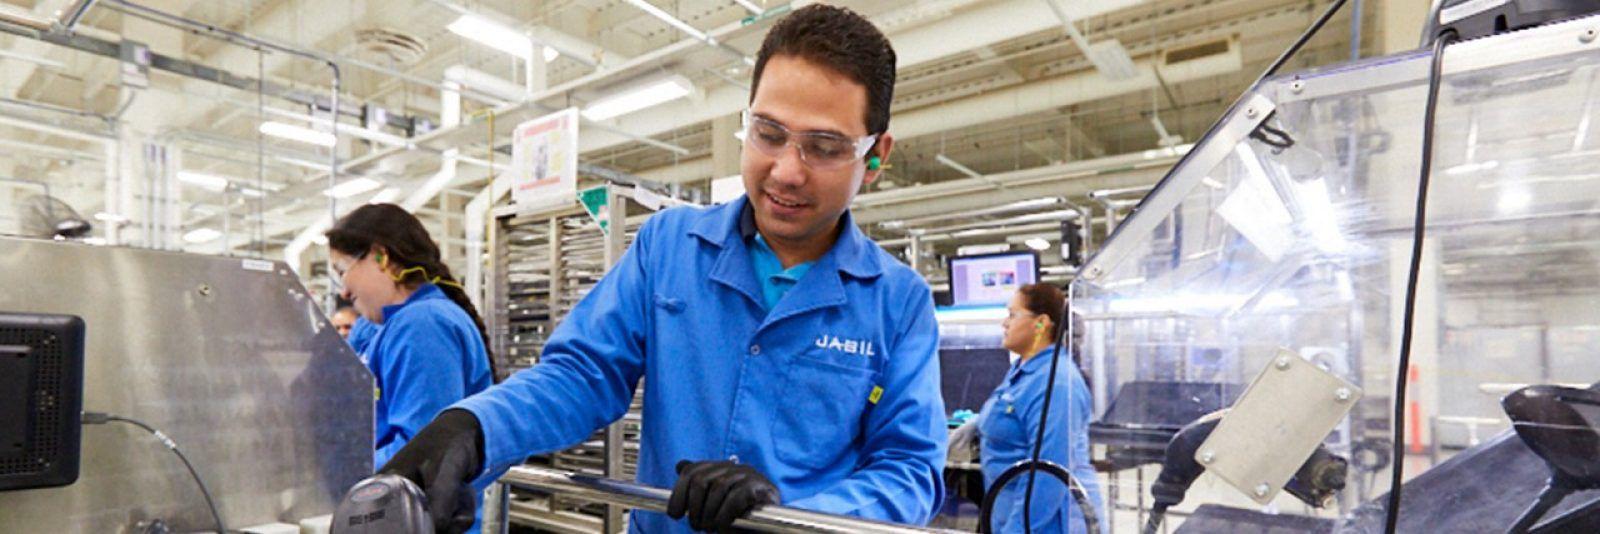 Jabil lleva a cabo sus operaciones en instalaciones ubicadas en varios países, entre ellos China, Hungría, Malasia, México, Singapur y Estados Unidos.